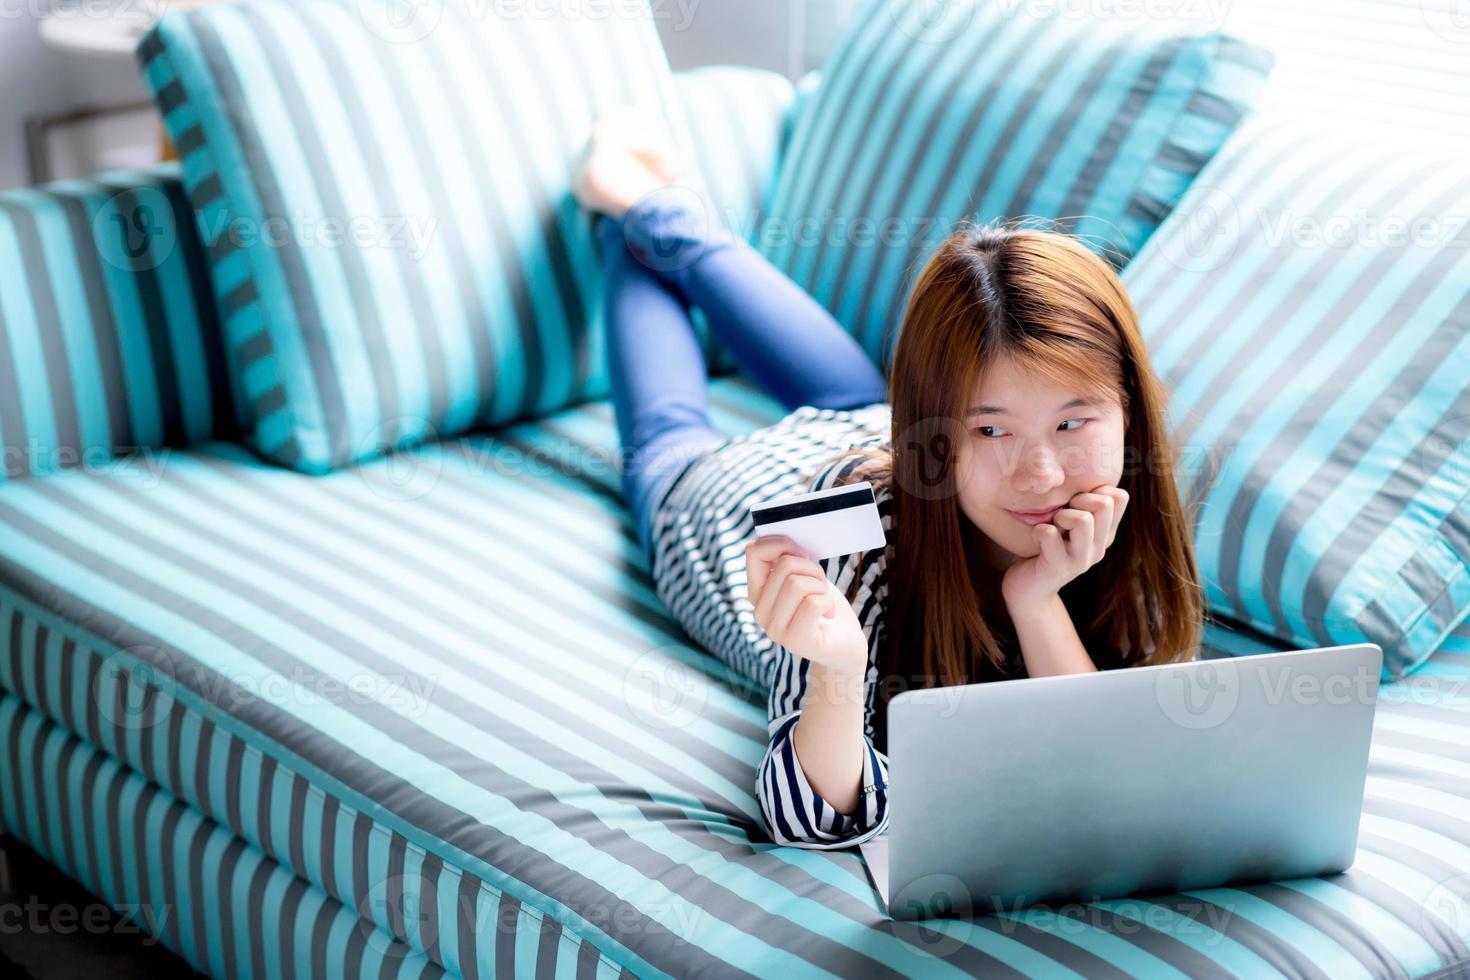 jeune femme asiatique couchée utilisateurs carte de crédit avec ordinateur portable. photo